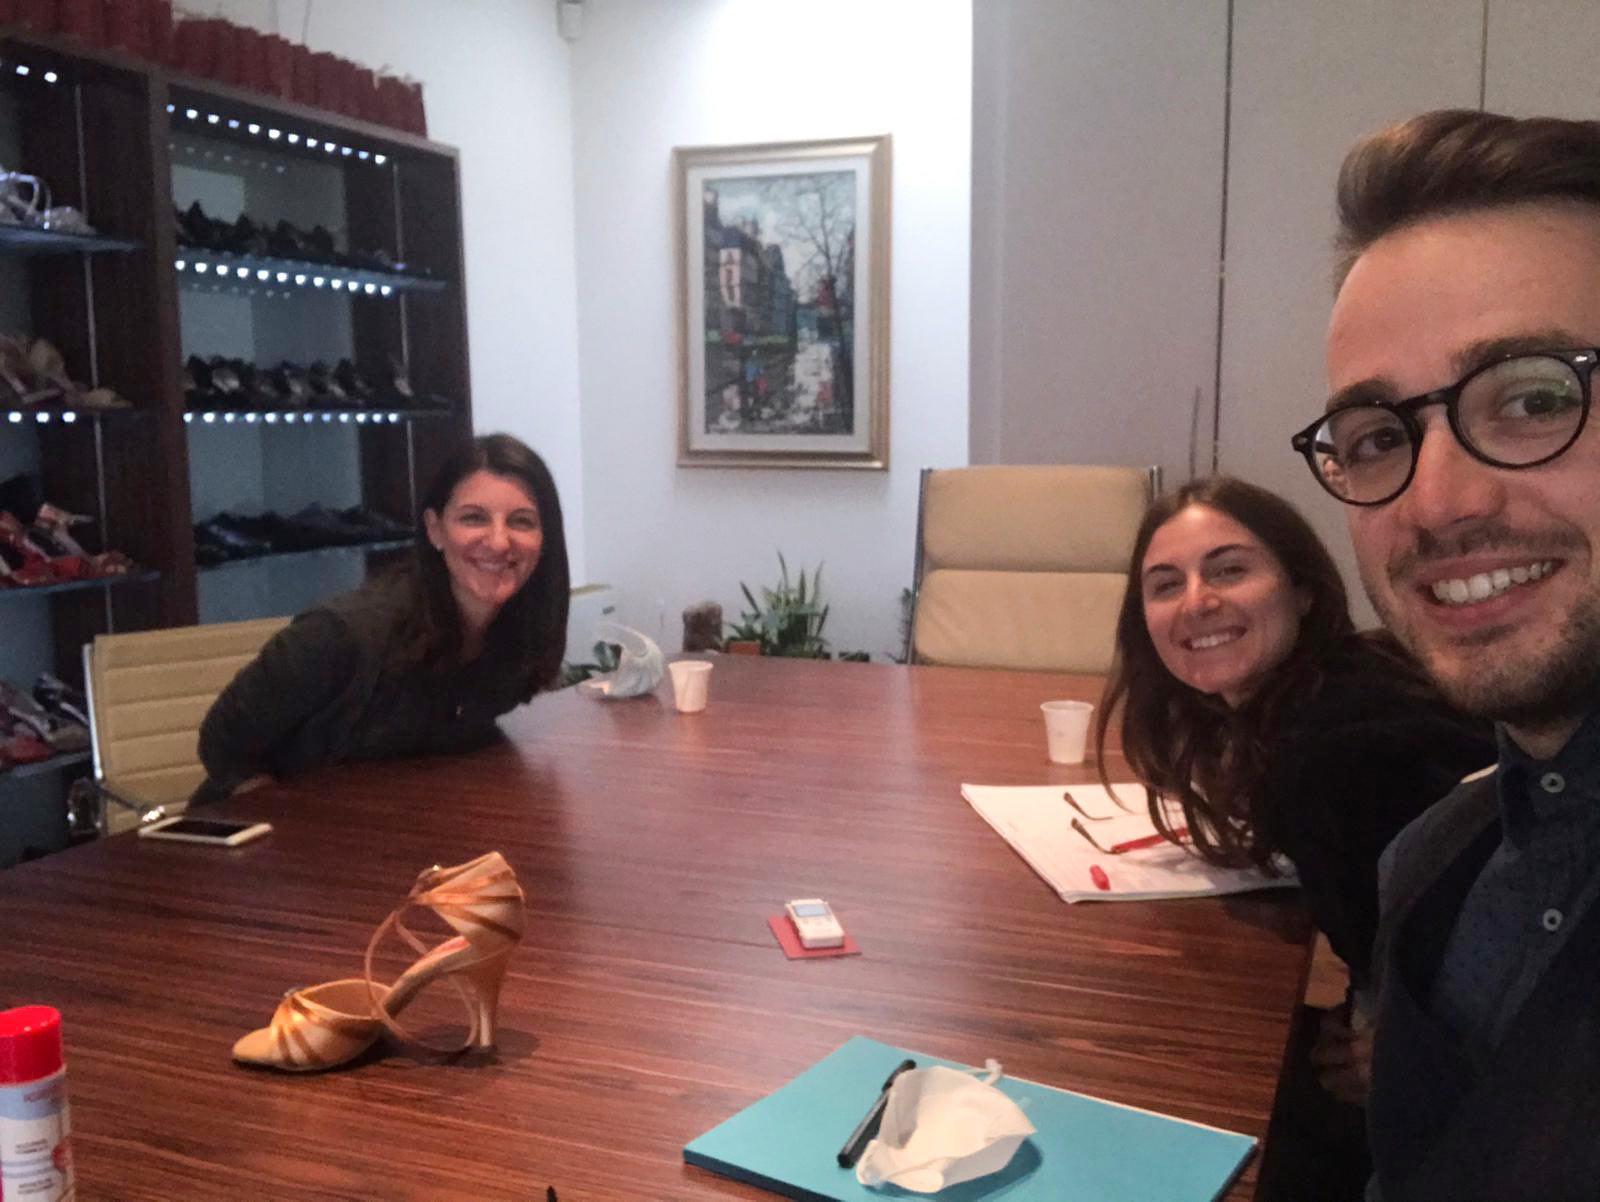 Il team di Liquid Diamond alla scoperta dell'identità di marca Paoul con Katia Pizzocaro